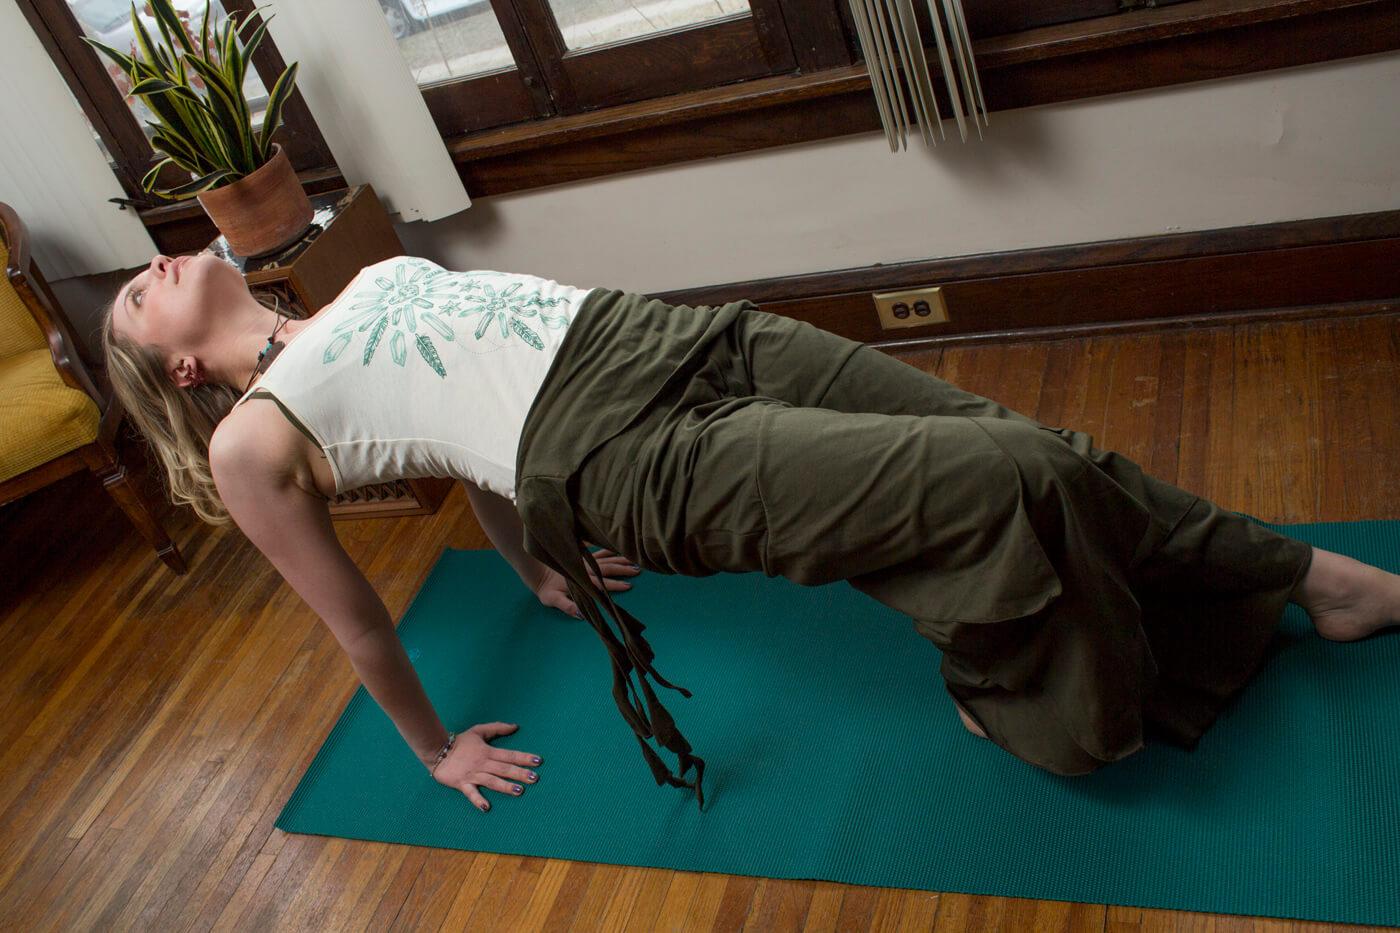 what color yoga mat should I get?